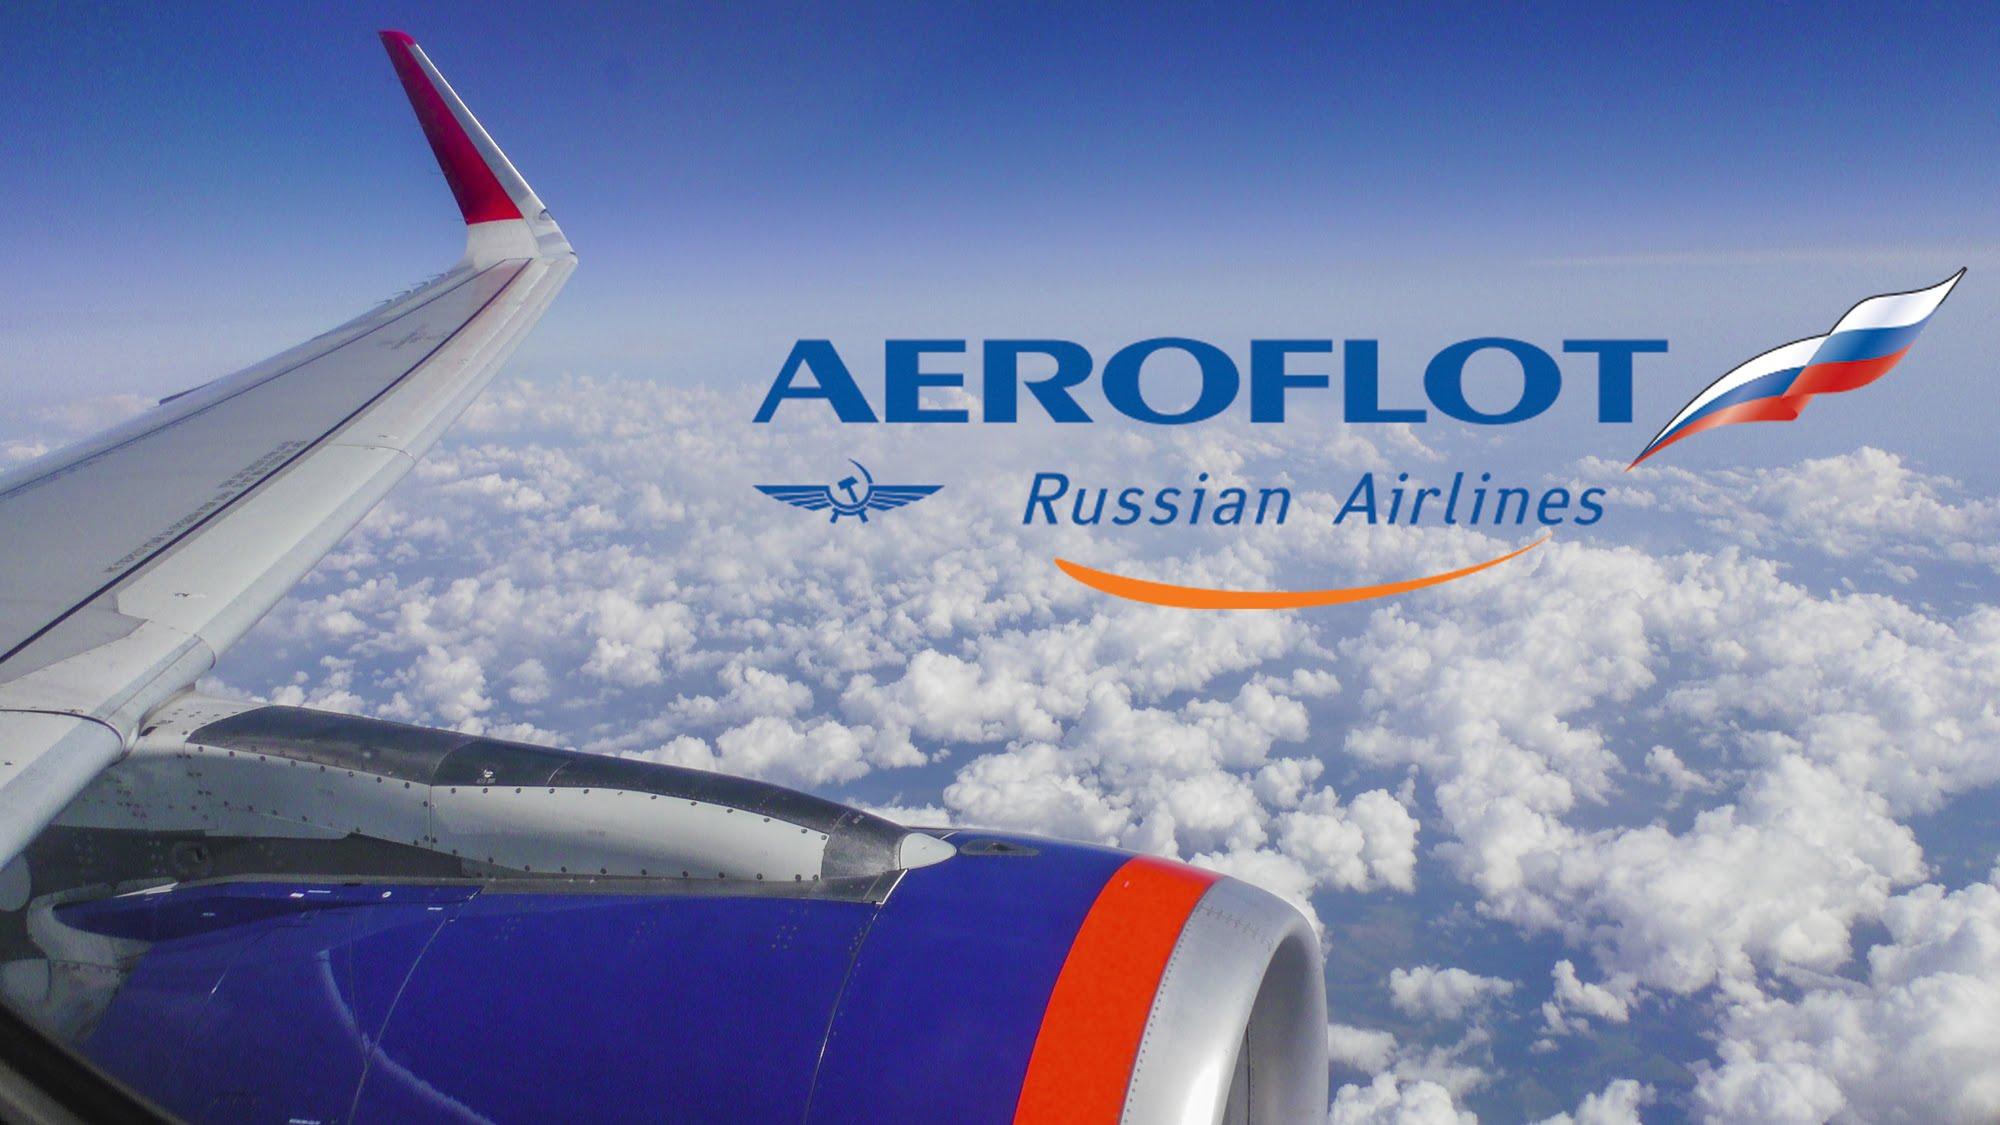 """Аэрофлот"""" заявил о планах получить еще десять SSJ 100 в конце года - ZERKALO.AZ - Новости Азербайджана и мира."""